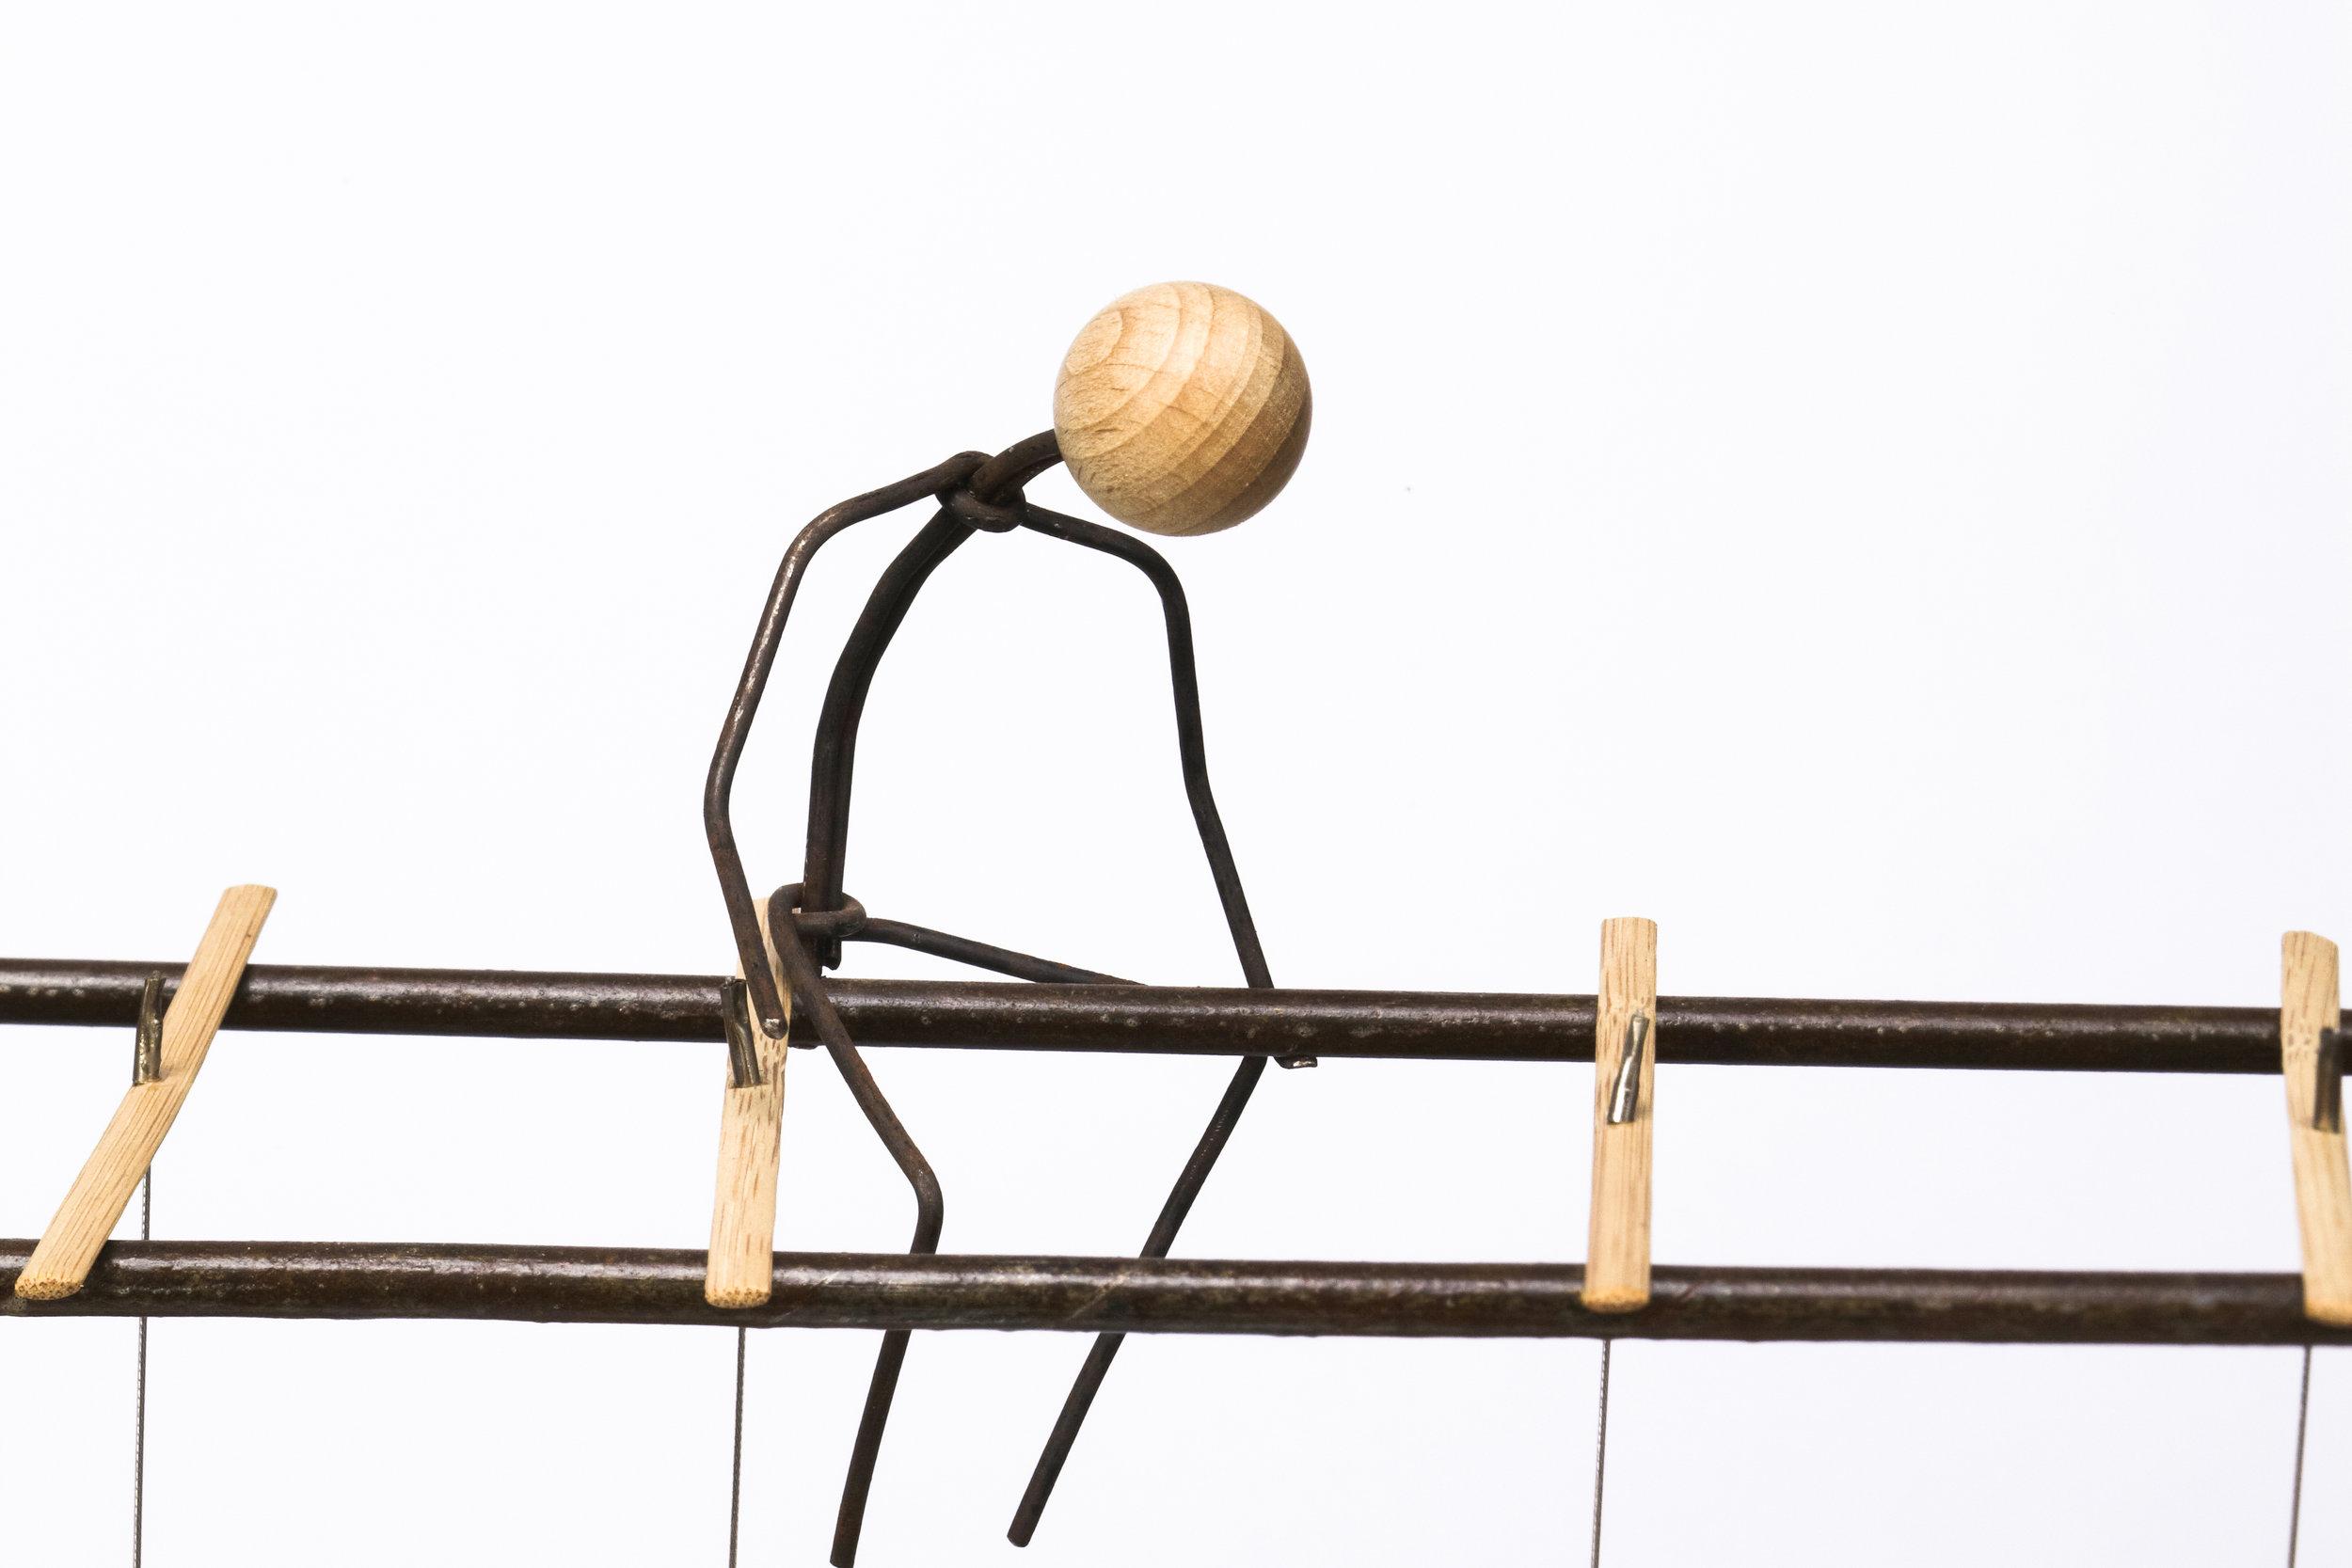 Escultura con personajes Otoko titulada –Competitividad III-, creada por Antoni Yranzo en el año 2010 en su estudio-taller de Barcelona